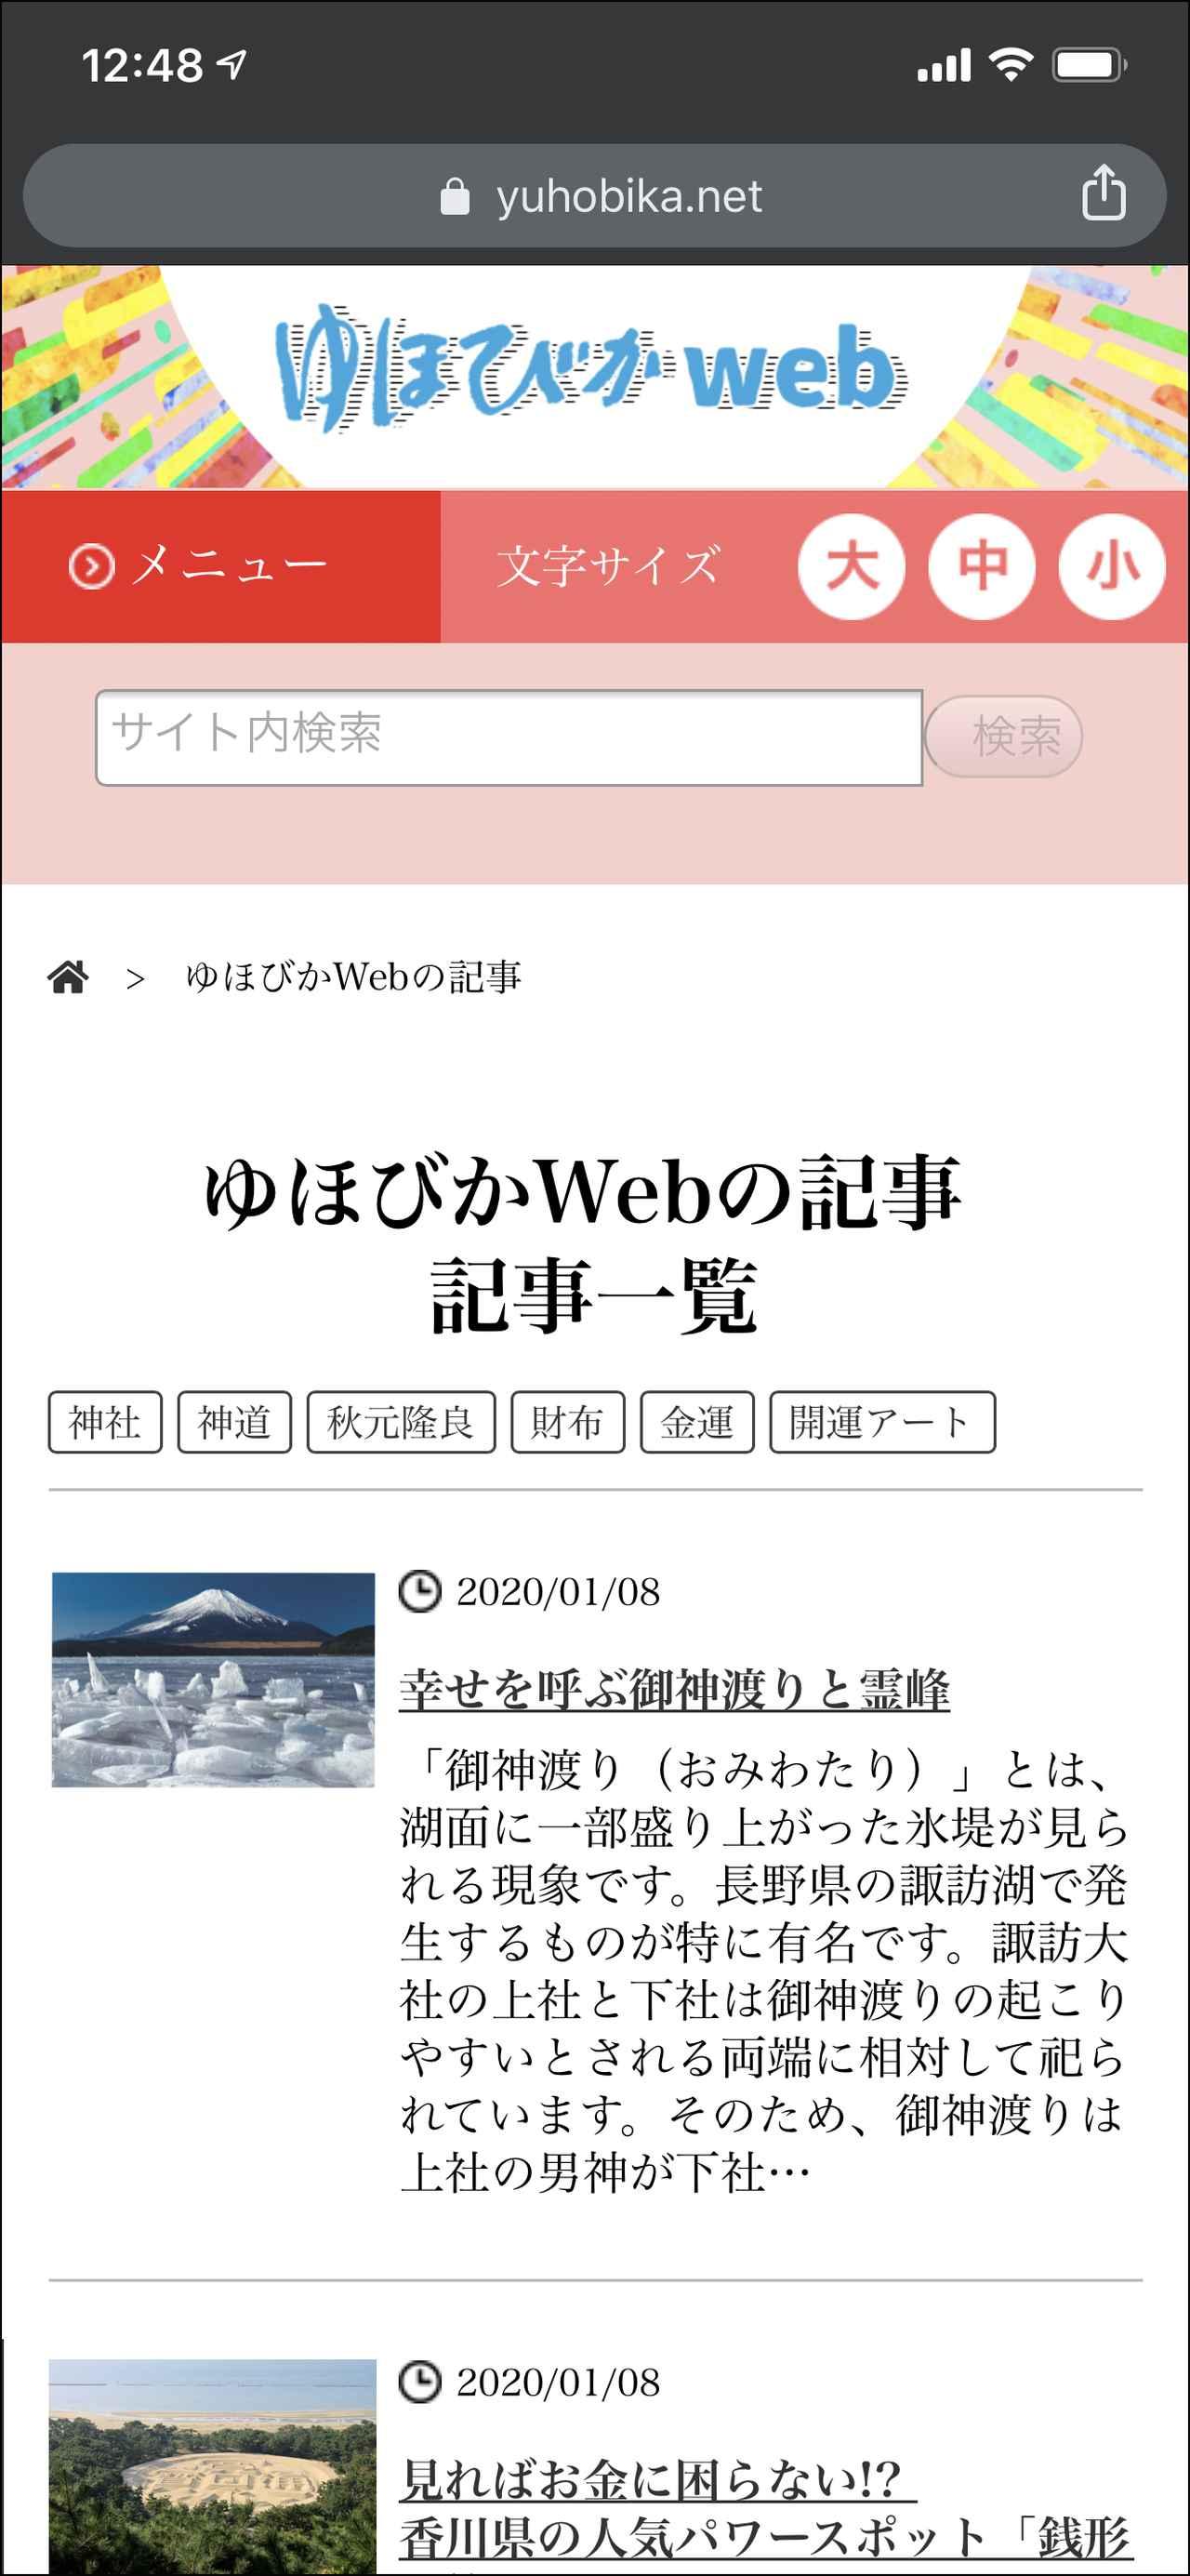 画像1: 新オープン! 運気アップ&すこやか情報サイト『ゆほびかweb』